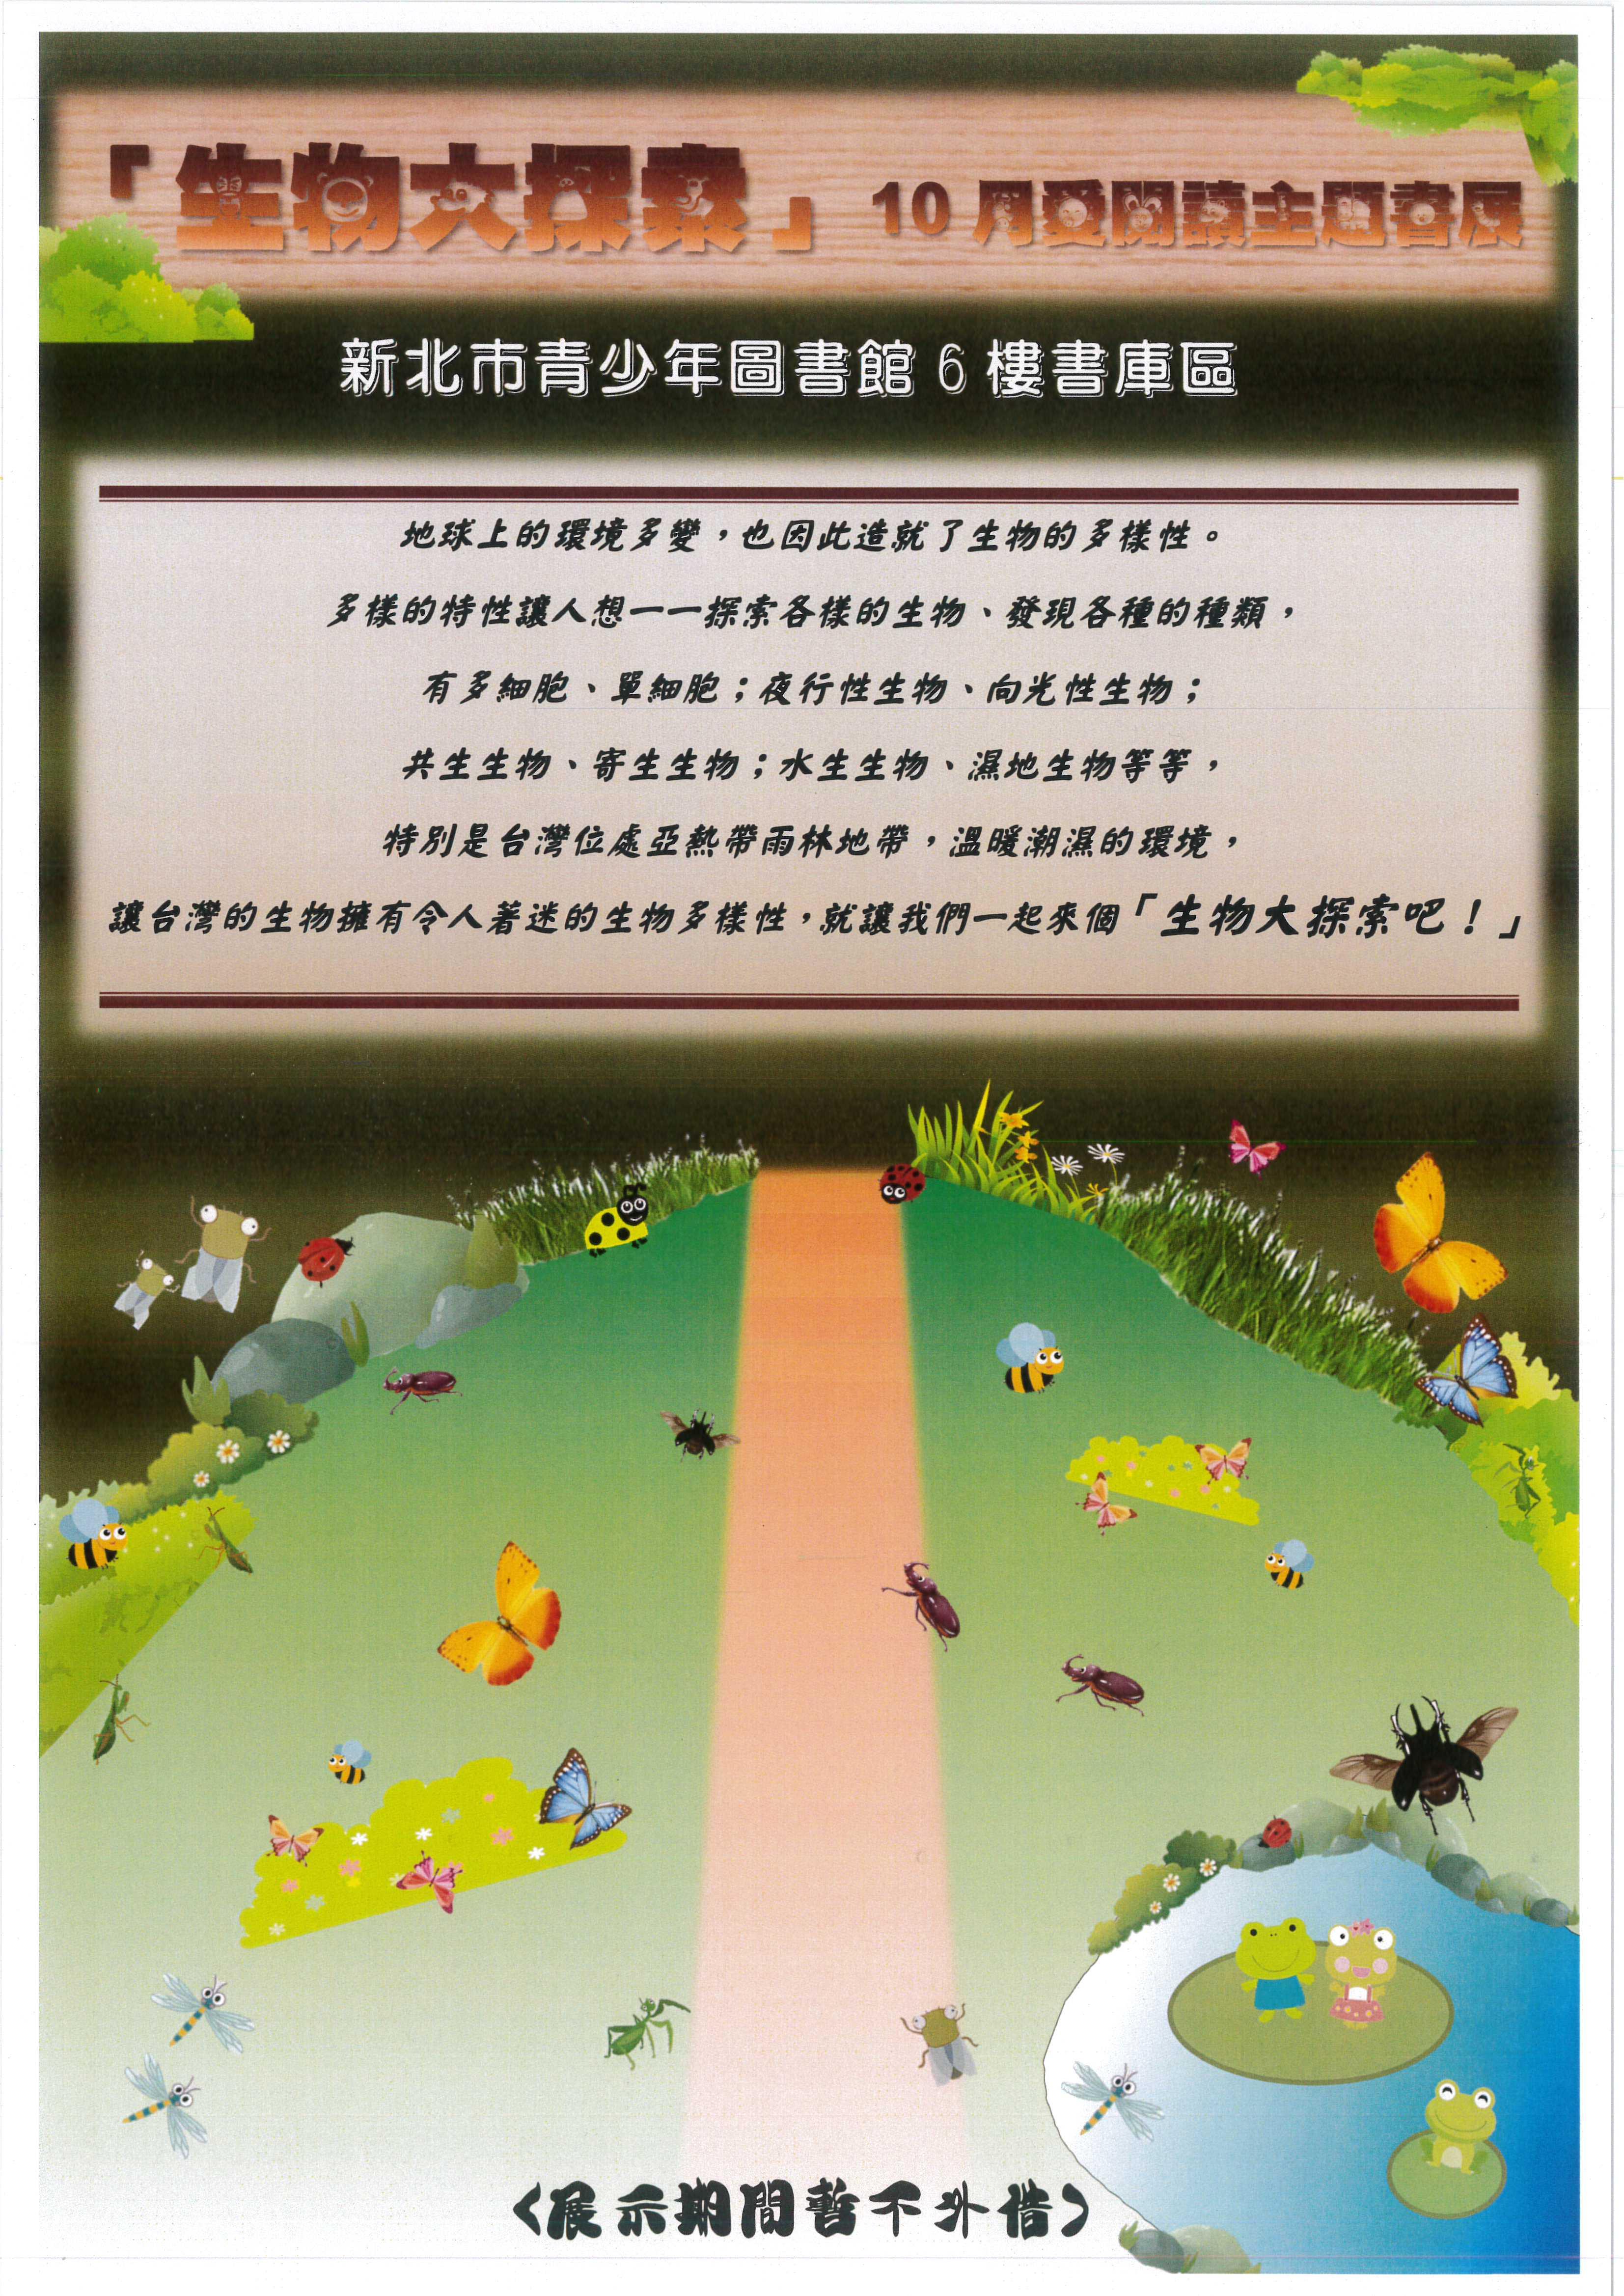 【新店青少年圖書館】10月《愛閱讀》主題書展-「生物大探索」